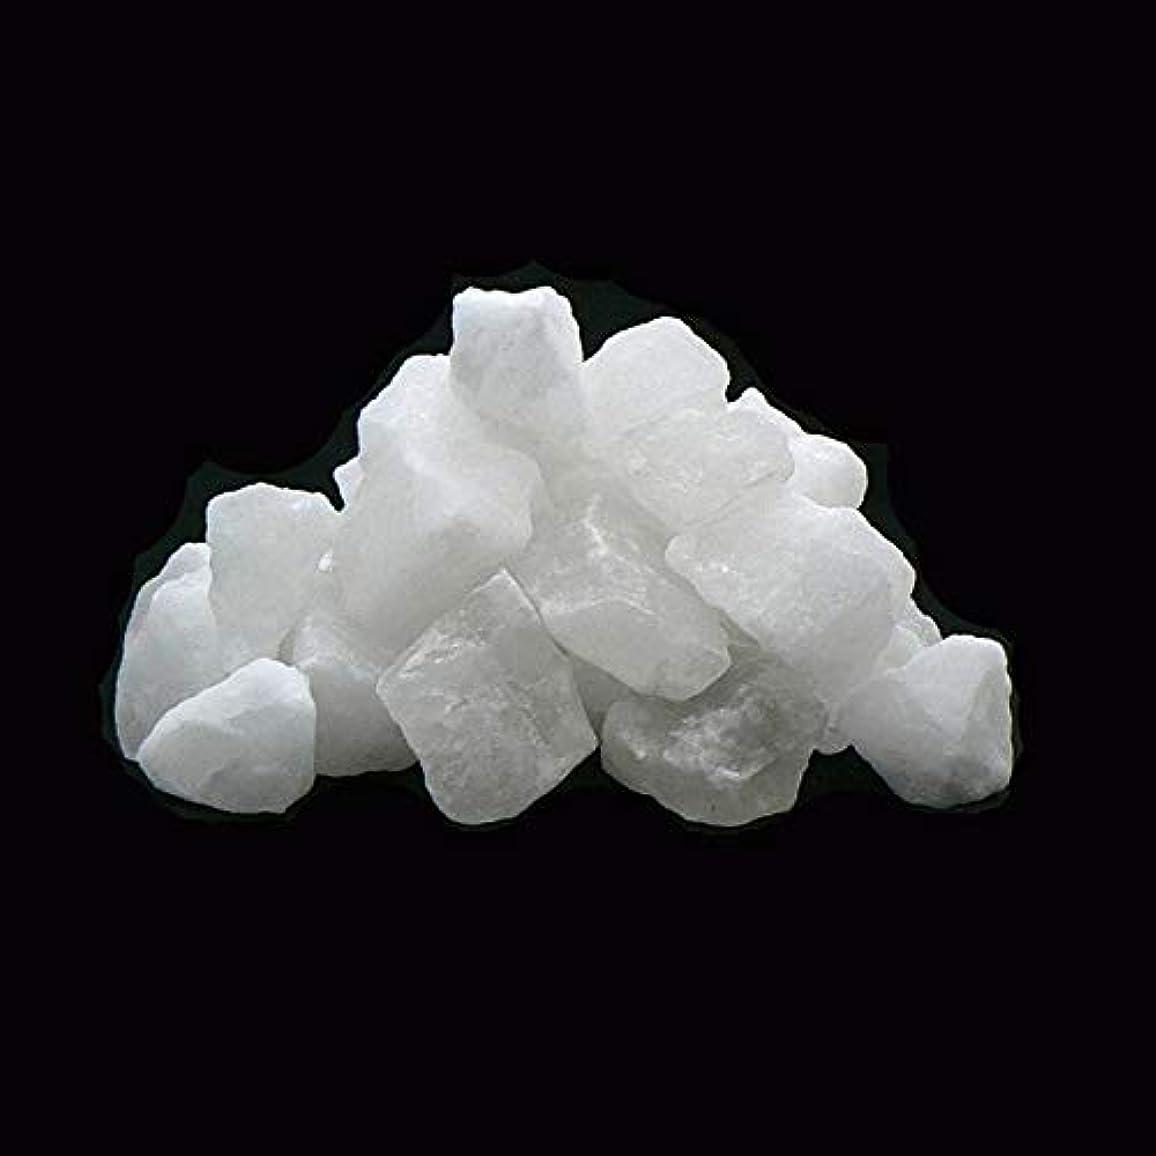 非行混雑練習したヒマラヤ岩塩 ホワイトソルト (白岩塩)塊?ロックタイプ 1kg 入浴用 浄化用 除草用塩 ホワイト岩塩 (1kg)